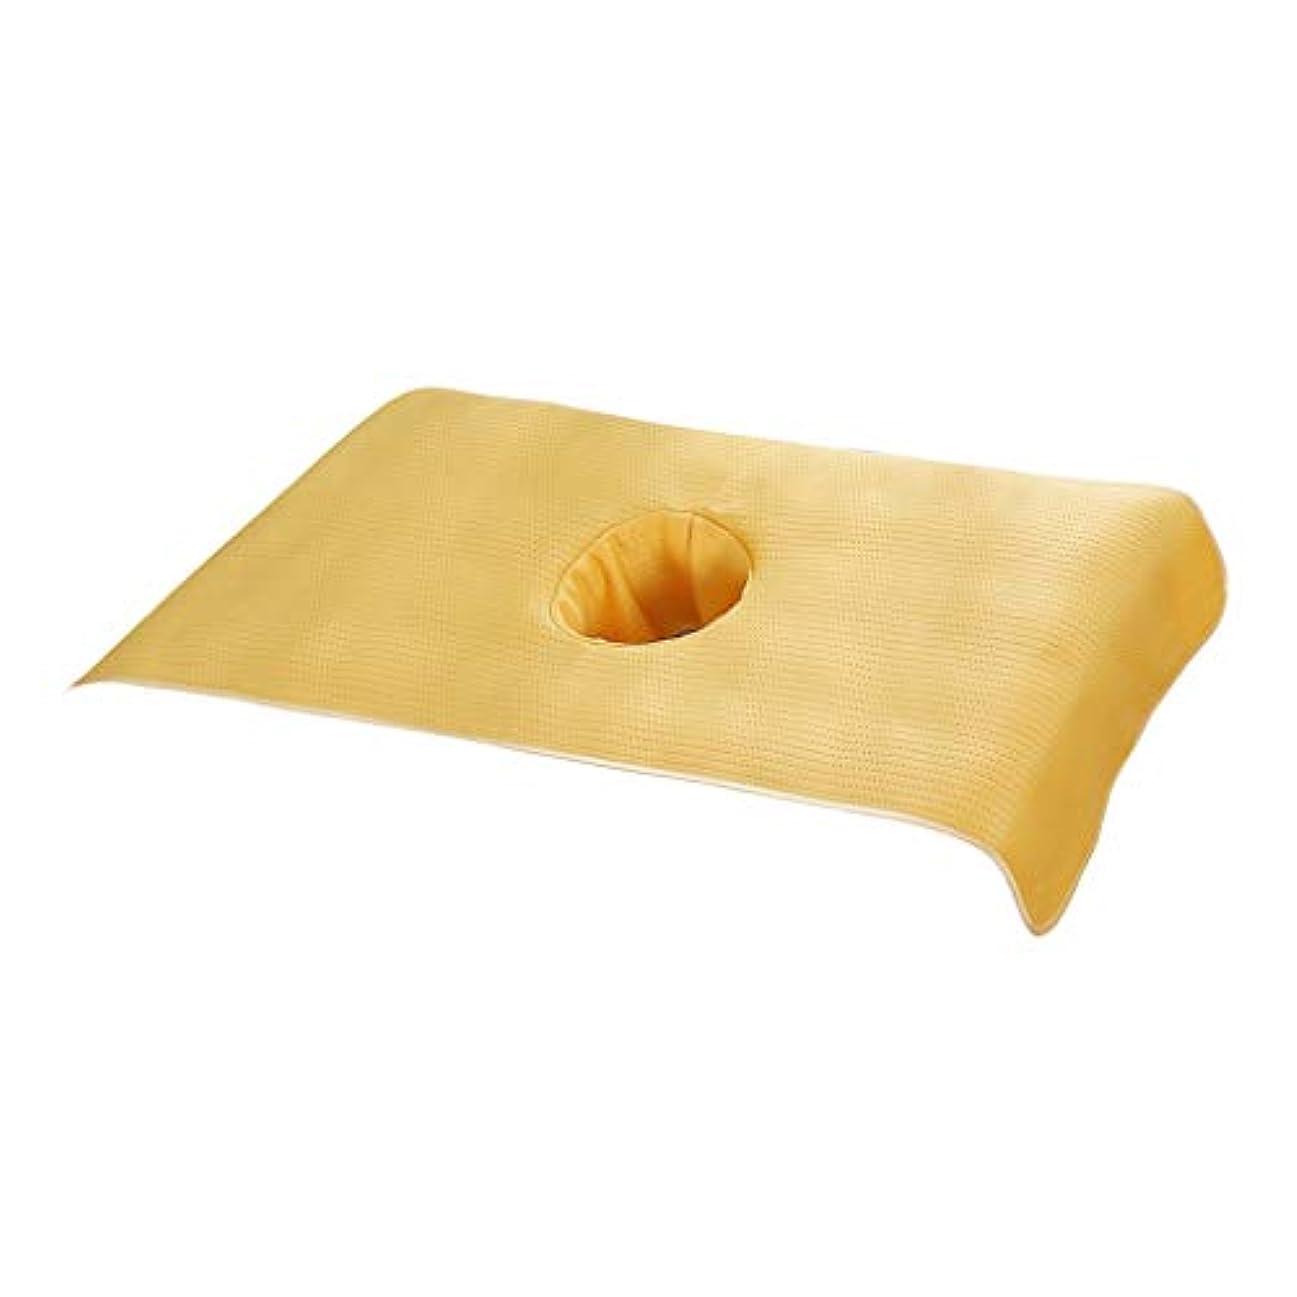 エコー論争サーバントマッサージベッドカバー 息の穴付き 美容ベッドカバー スパ マッサージテーブルスカート 35×90cm - 黄